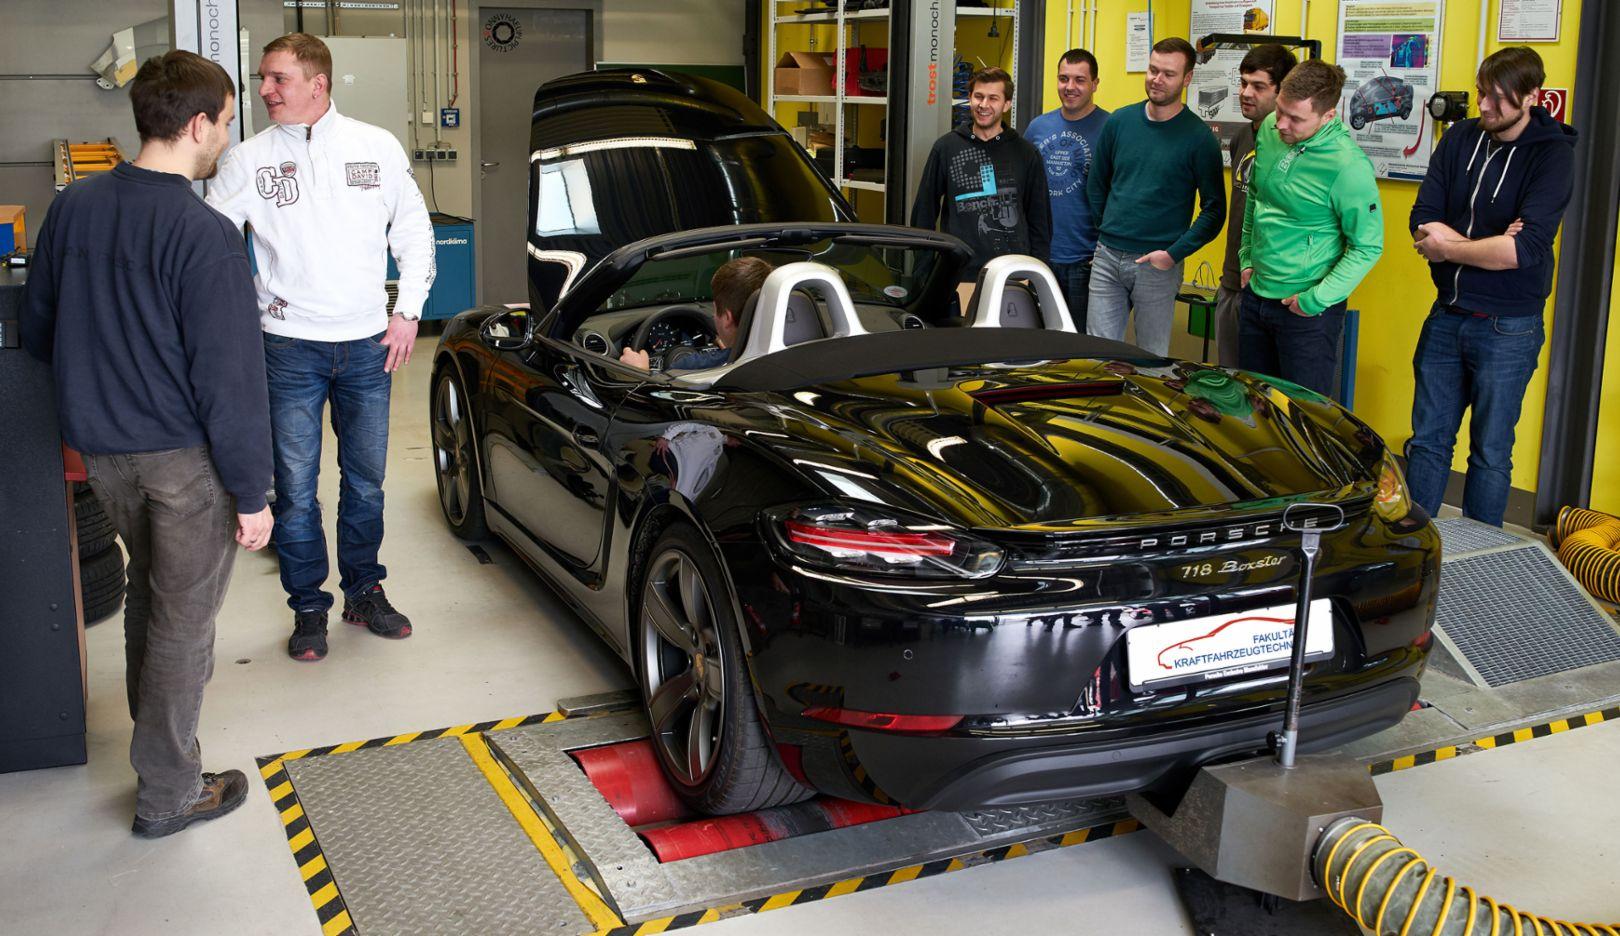 718 Boxster, Westsächsische Hochschule Zwickau, 2017, Porsche AG